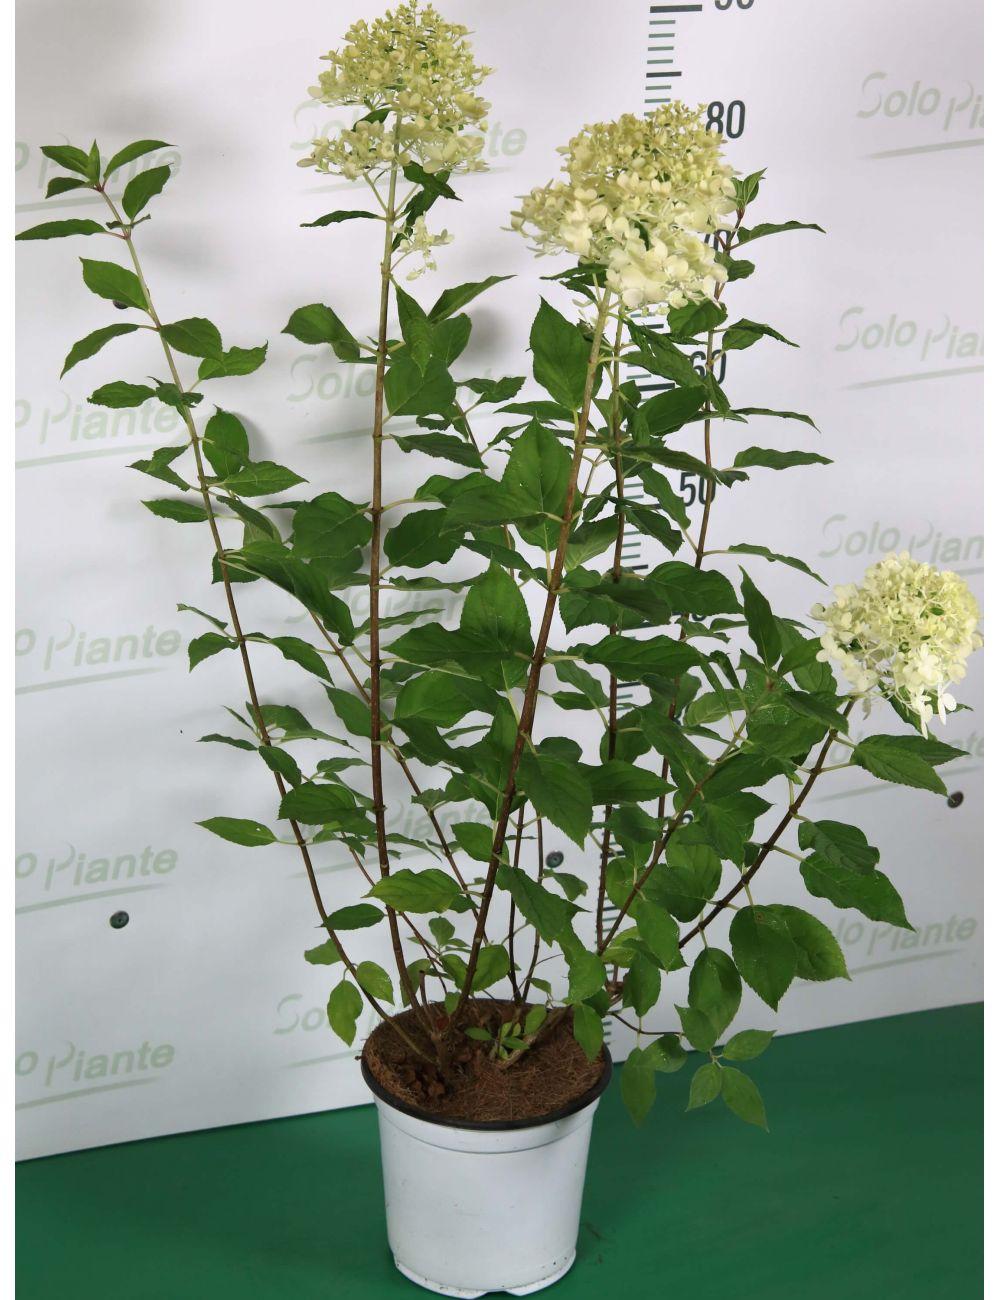 Come Far Fiorire Le Ortensie ortensia paniculata - vendita piante - solopiante.it